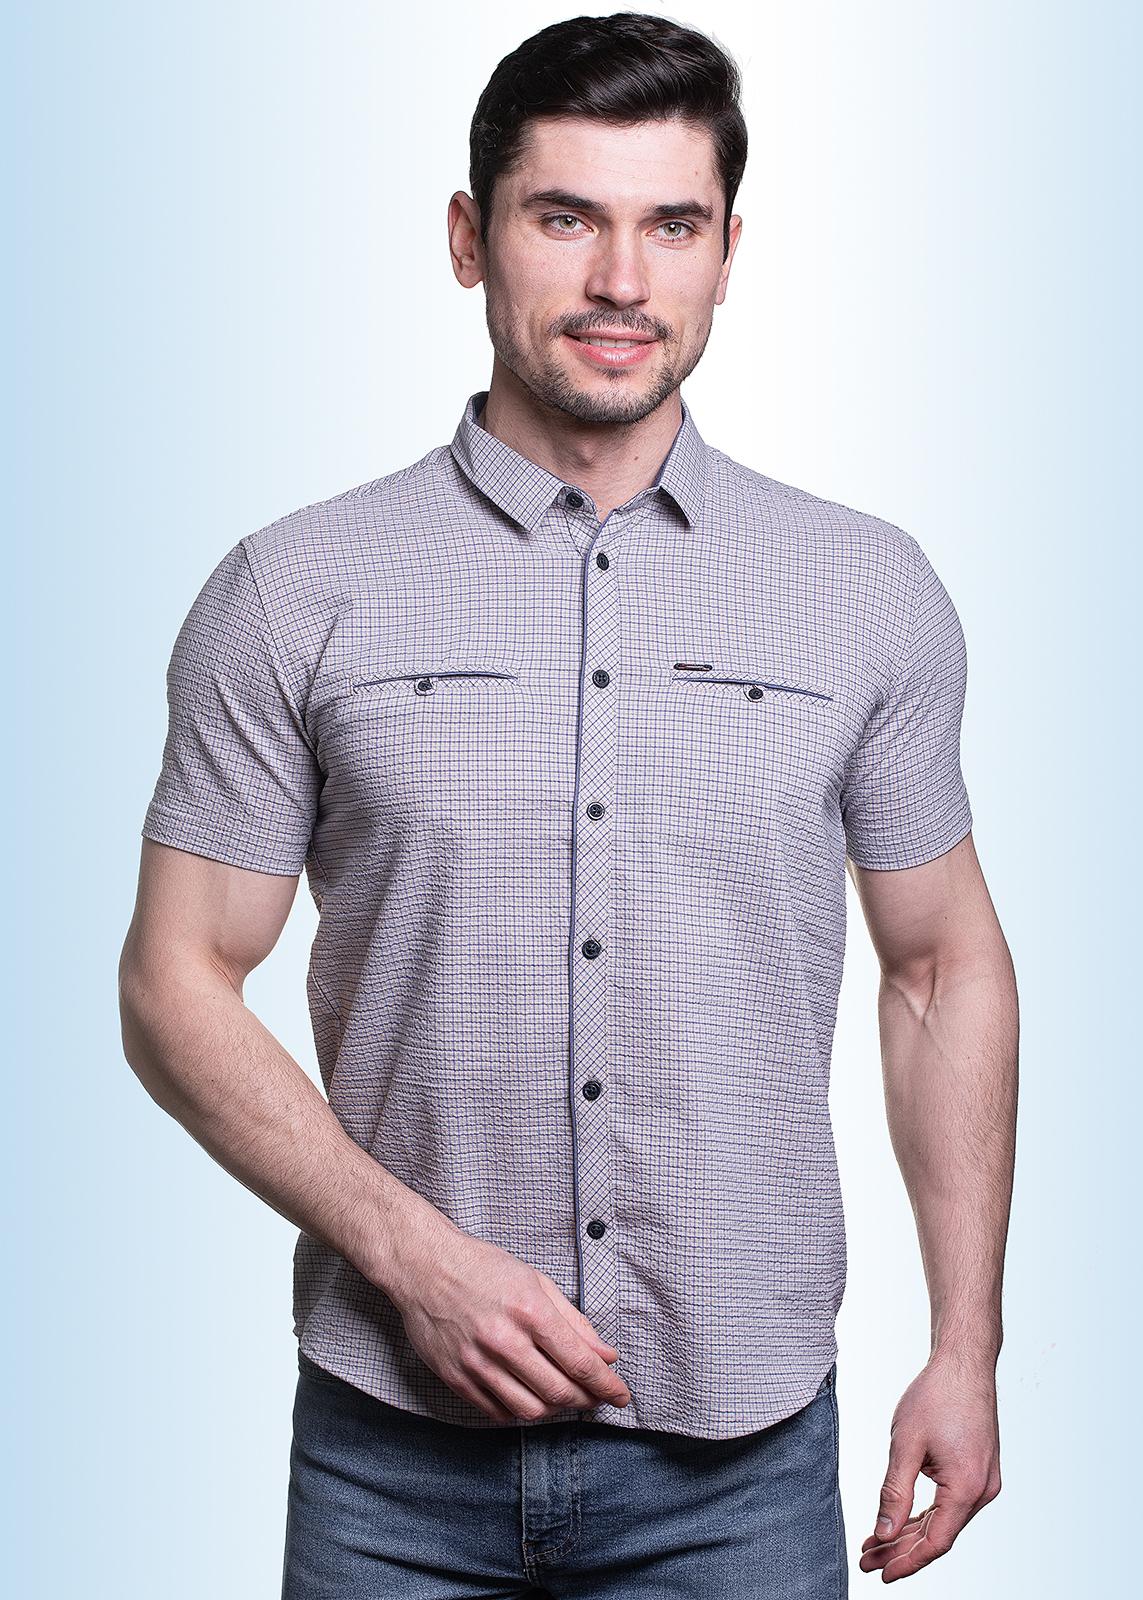 Рубашка Jean Piere 2535 купить оптом в Москве